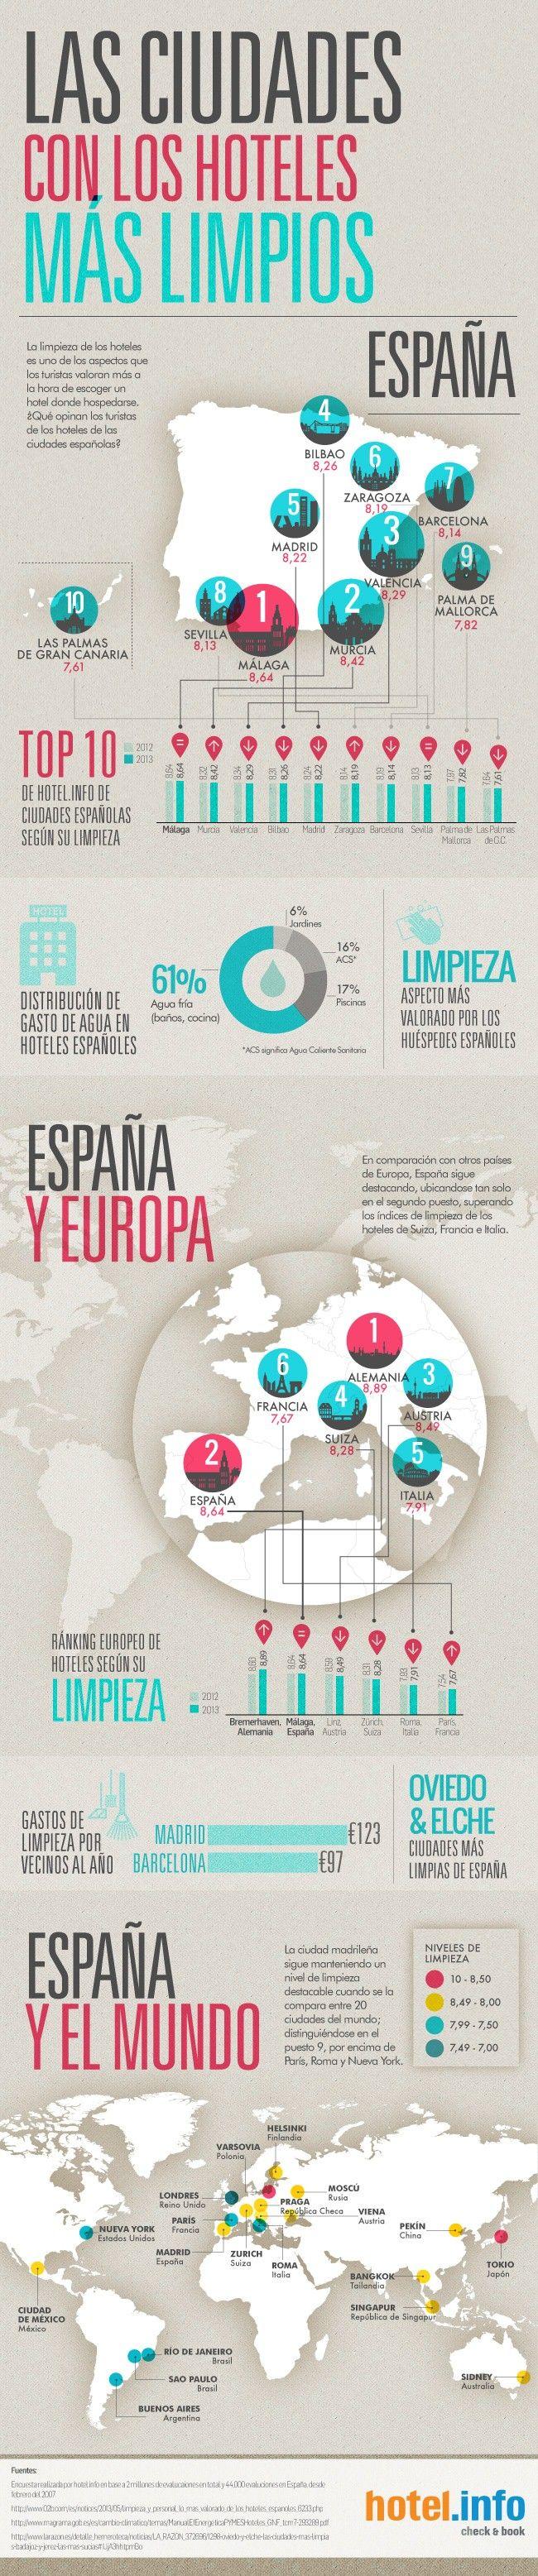 Las ciudades con los hoteles más limpios (España) #infografia #infographic #tourism